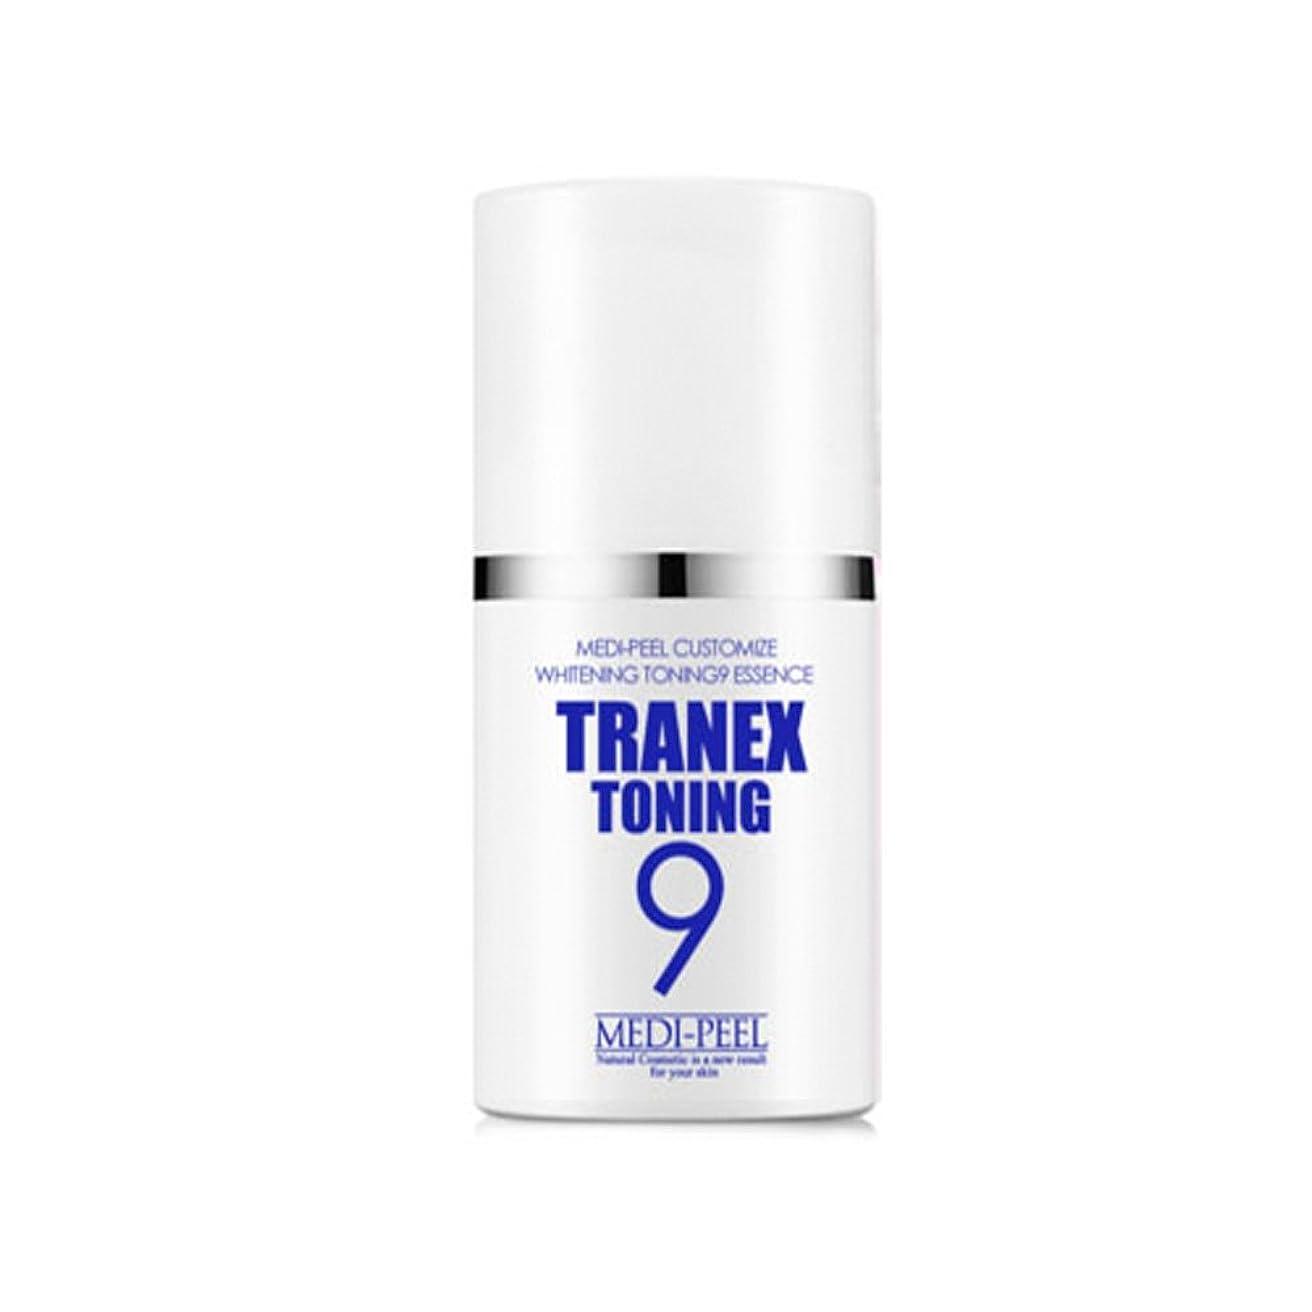 タヒチ精神的に調整メディピール トーラーネック トーニング9 エッセンス(美白機能性化粧品)50ml. Medi-peel Tranex Toning9 Essense 50ml.